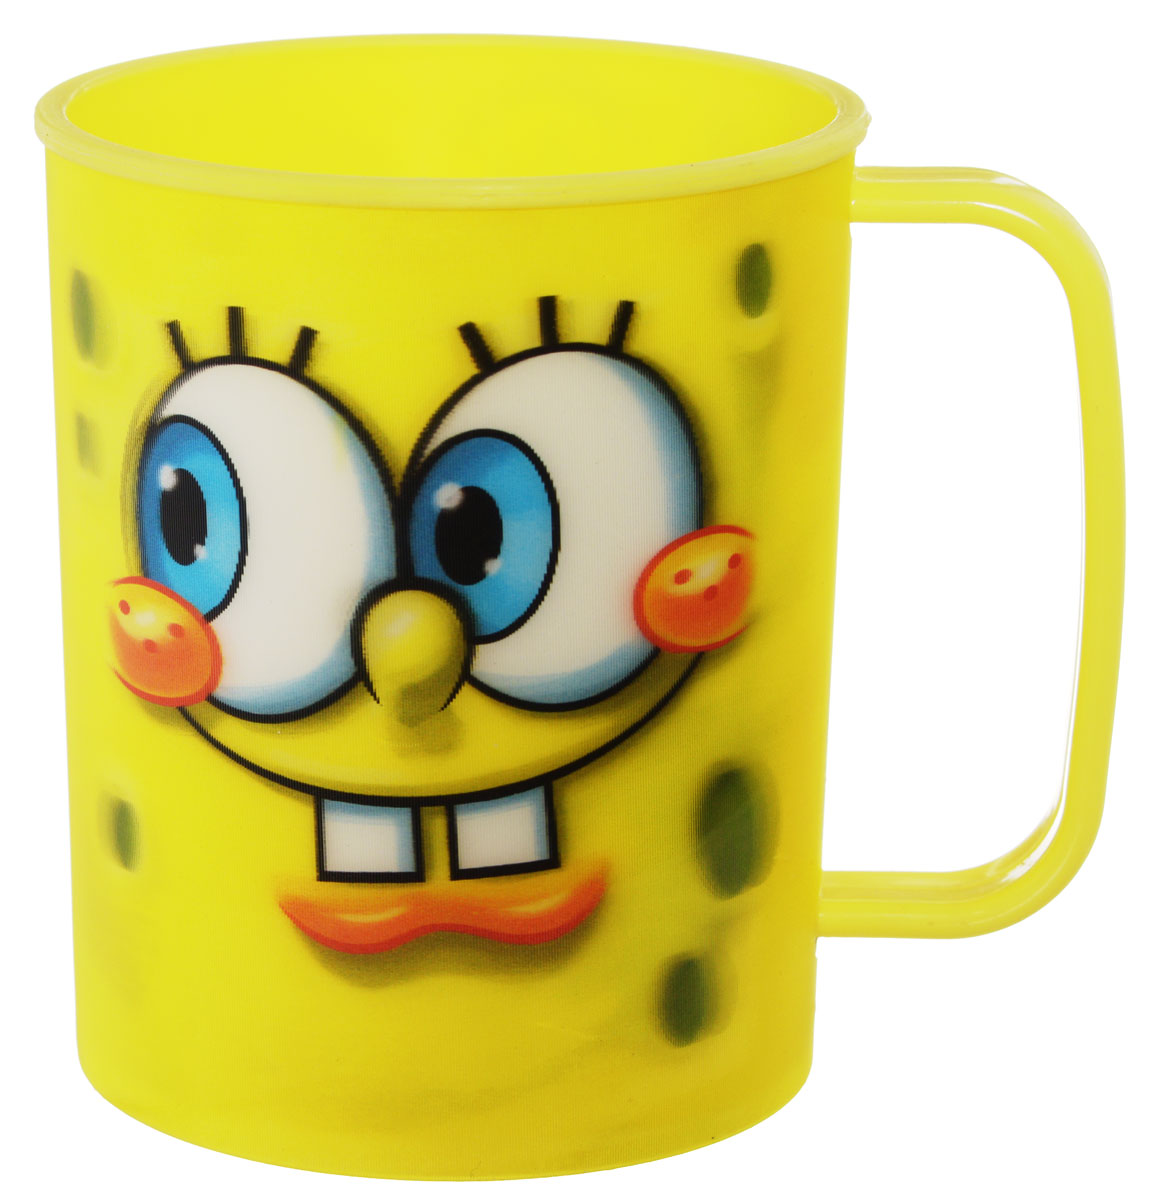 Губка Боб Кружка пластмассовая 3D цвет желтый 325 мл115510Детская кружка Губка Боб с 3D рисунком идеально подойдет для вашего малыша. Она выполнена из качественного пластика желтого цвета и оформлена ярким изображением героя мультфильма Губка Боб. Кружка дополнена удобной ручкой. Такой подарок станет не только приятным, но и практичным сувениром: кружка будет незаменимым атрибутом чаепития, а оригинальное оформление кружки добавит ярких эмоций в процессе чаепития. Не предназначено для использования в СВЧ-печи и посудомоечной машине.